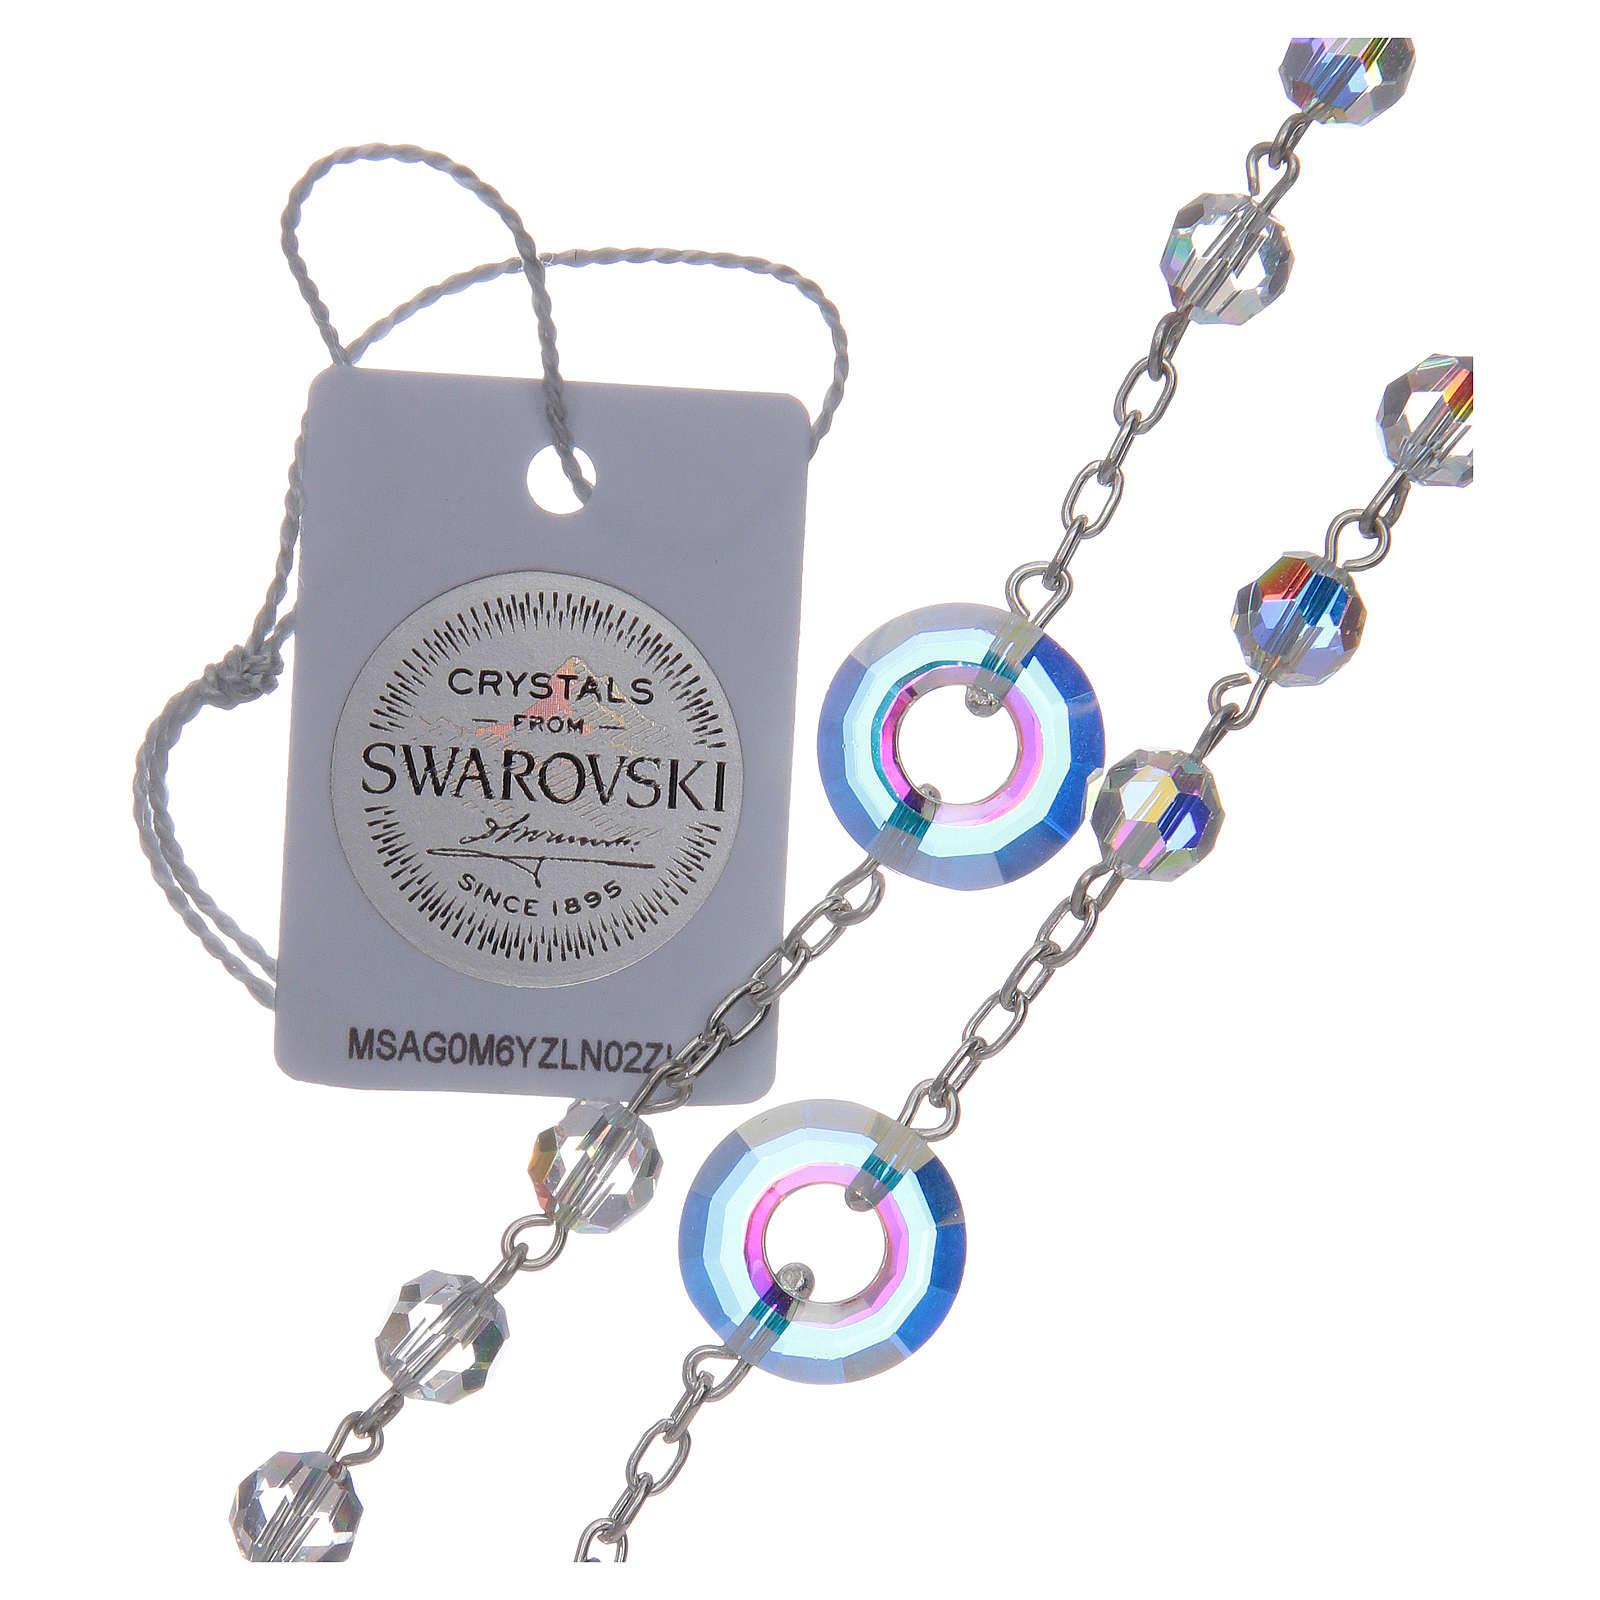 Rosario argento 925 Swarovski trasparenti mm 6 e pater cerchietto 4